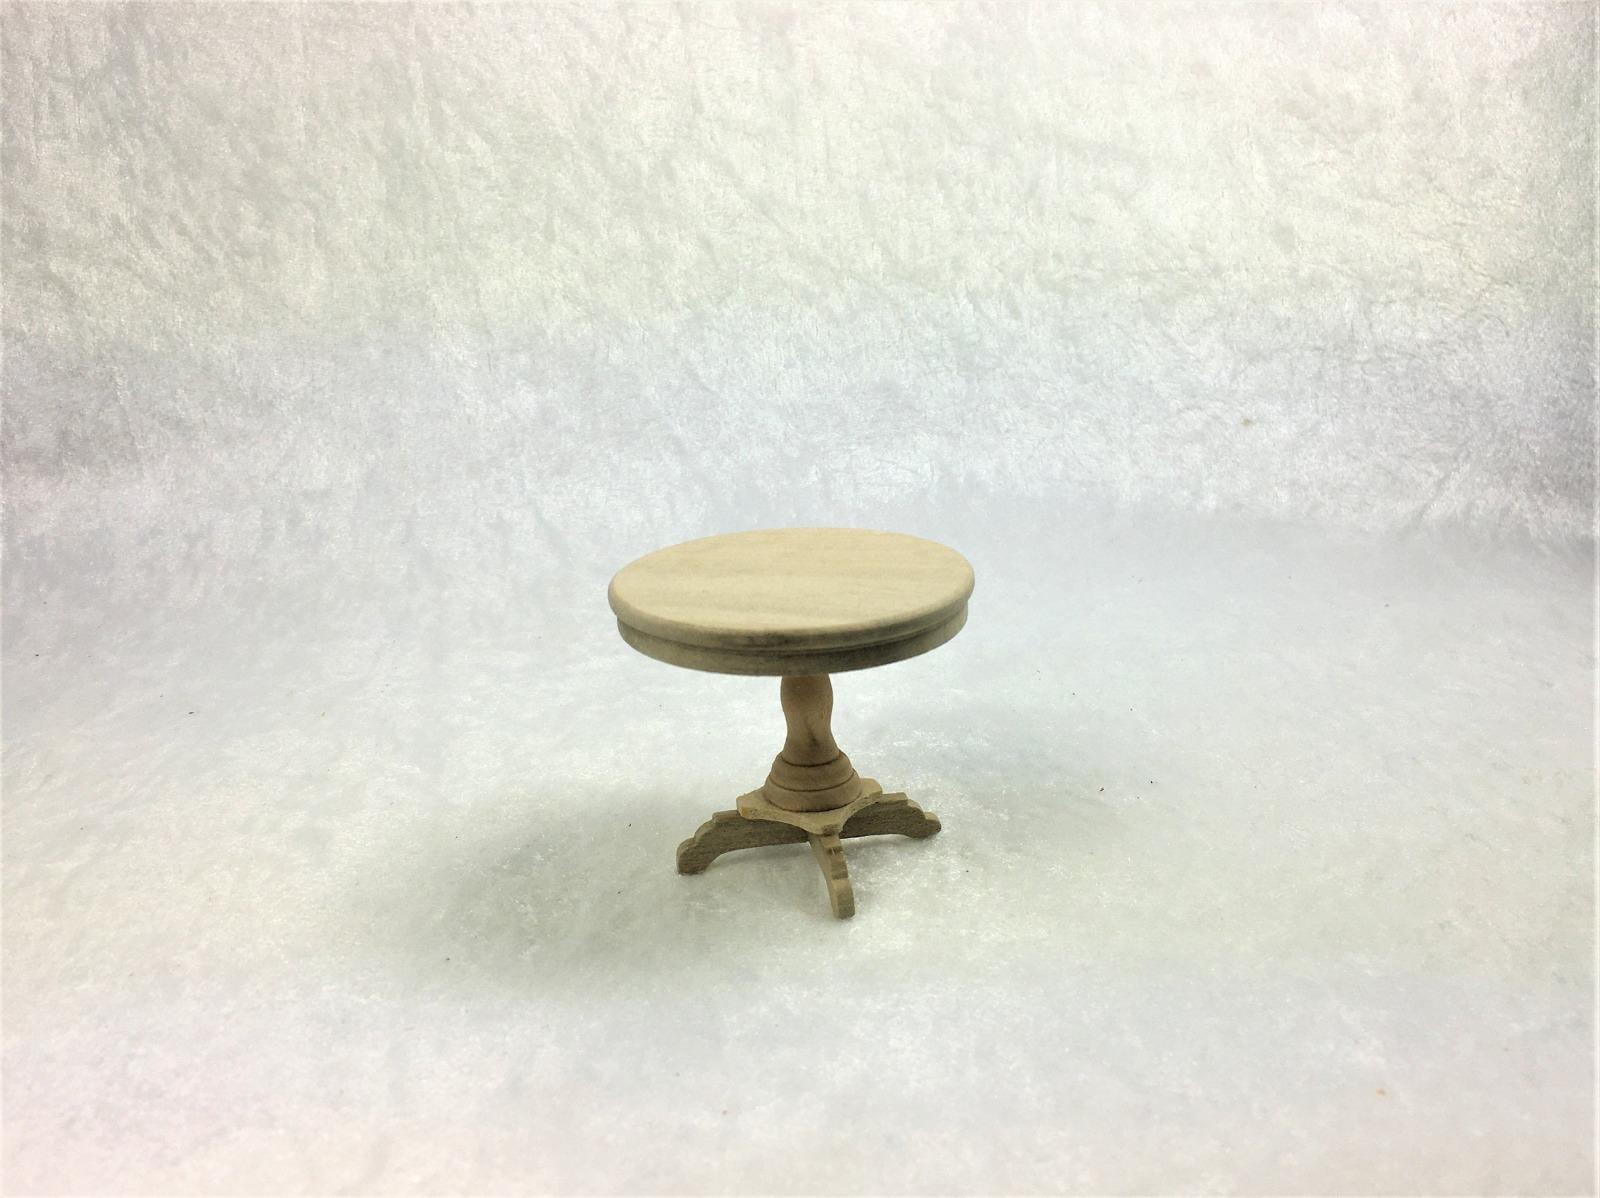 Kleiner runder Beistelltisch in Miniatur 1:12